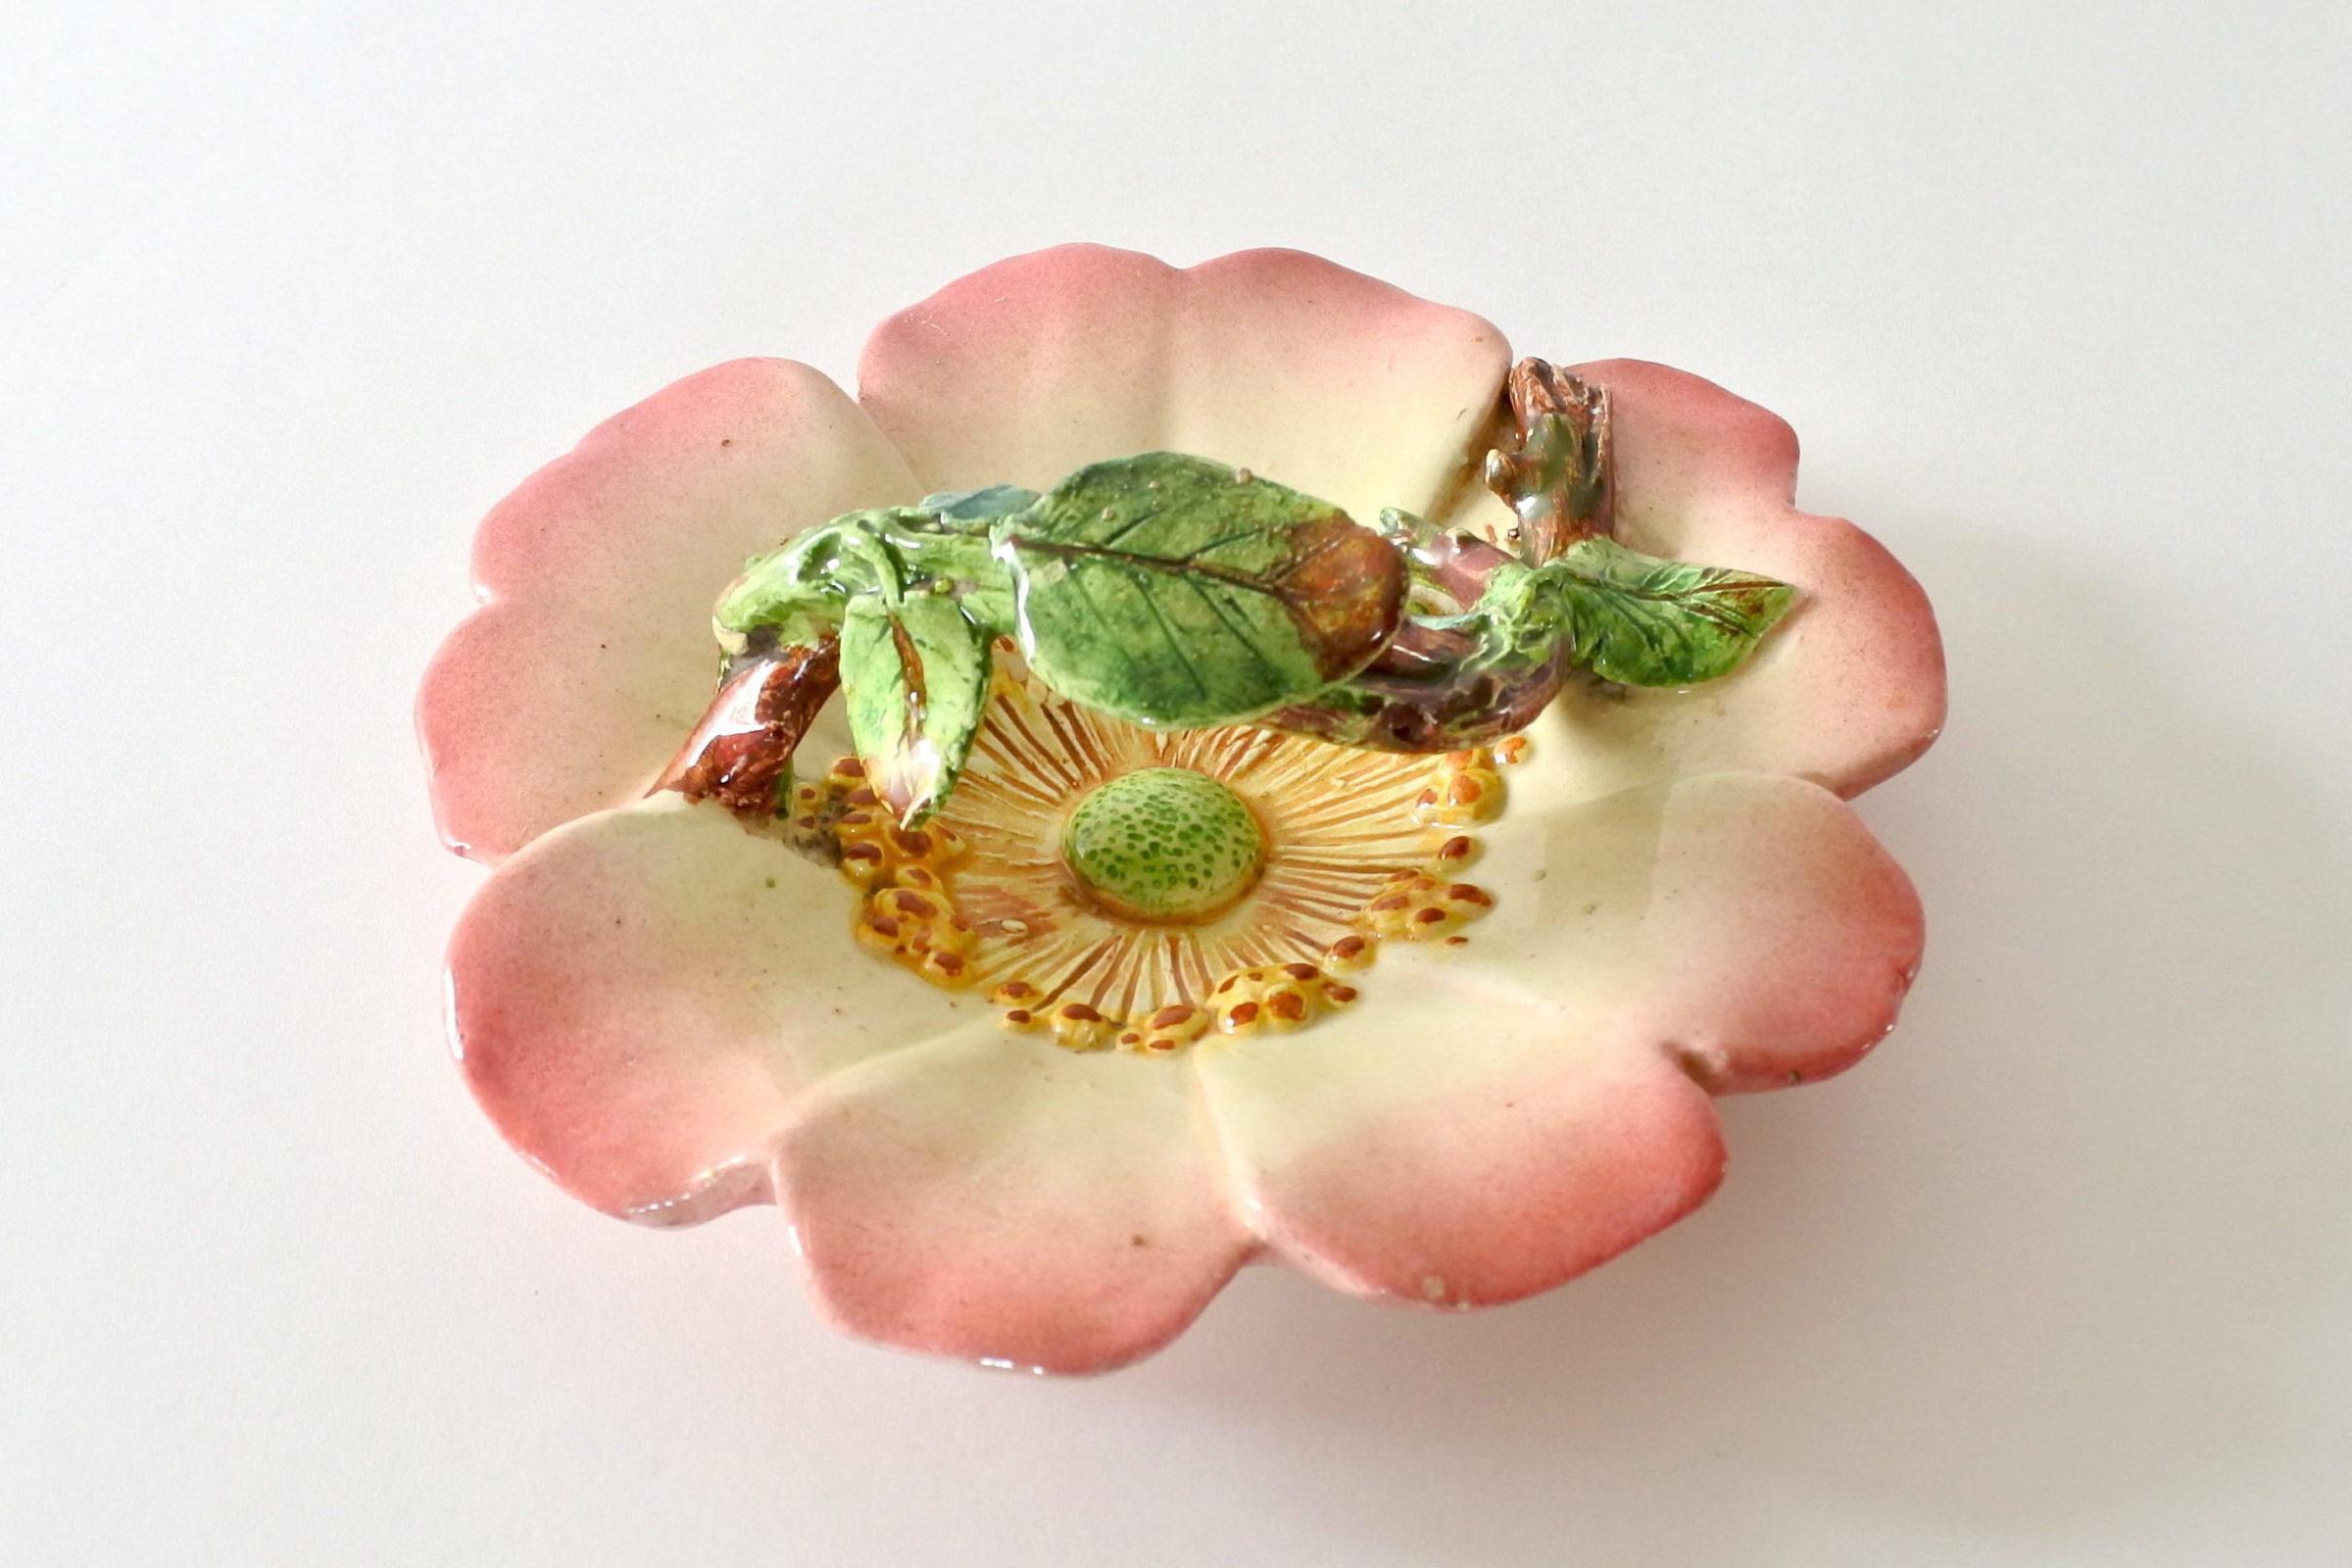 Cestino in ceramica barbotine a forma di rosa canina - Delphin Massier